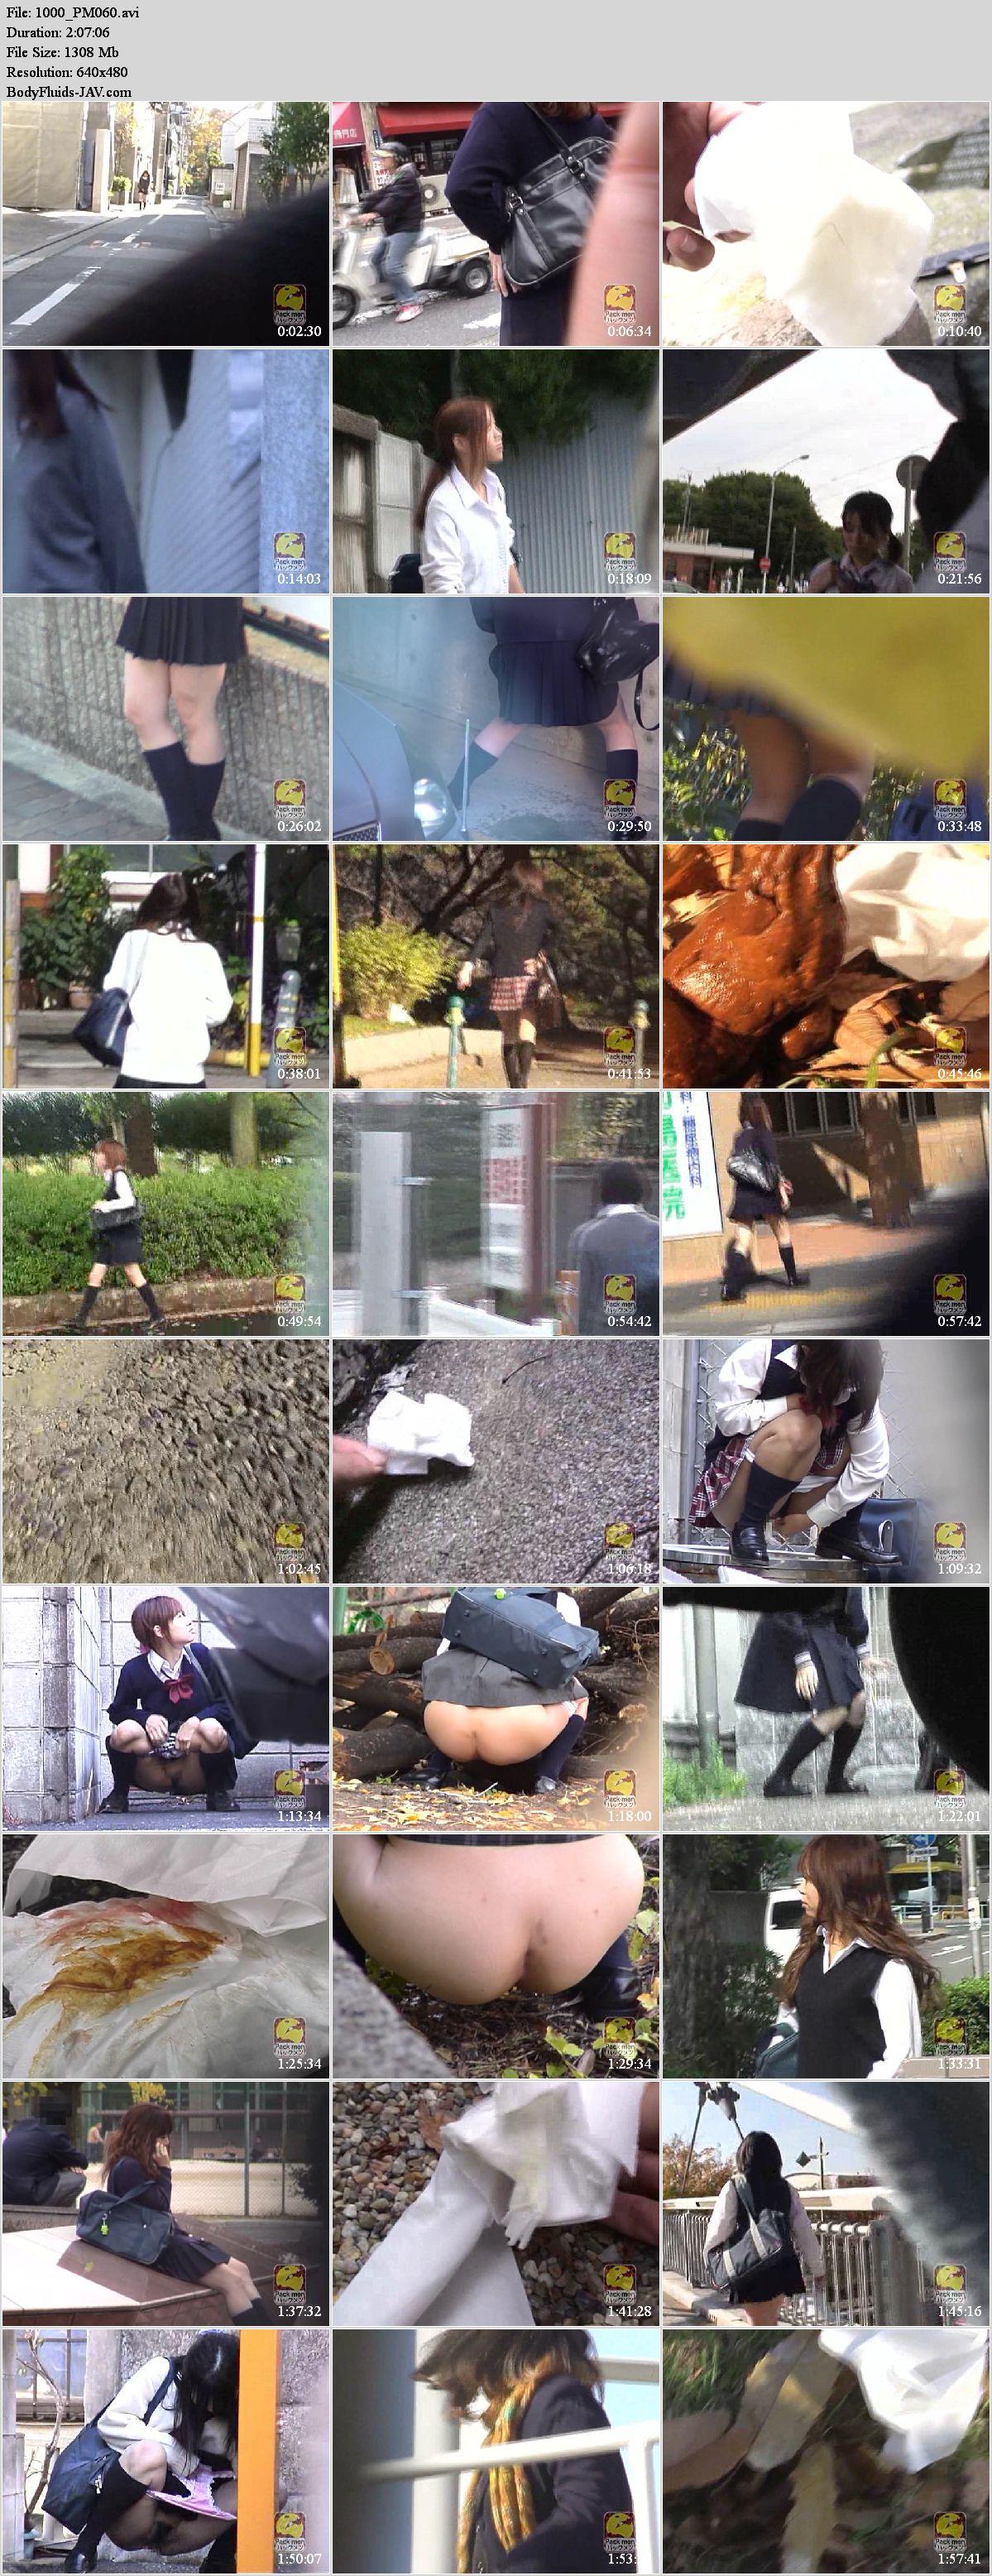 PM060 Schoolgirls outdoor pooping.